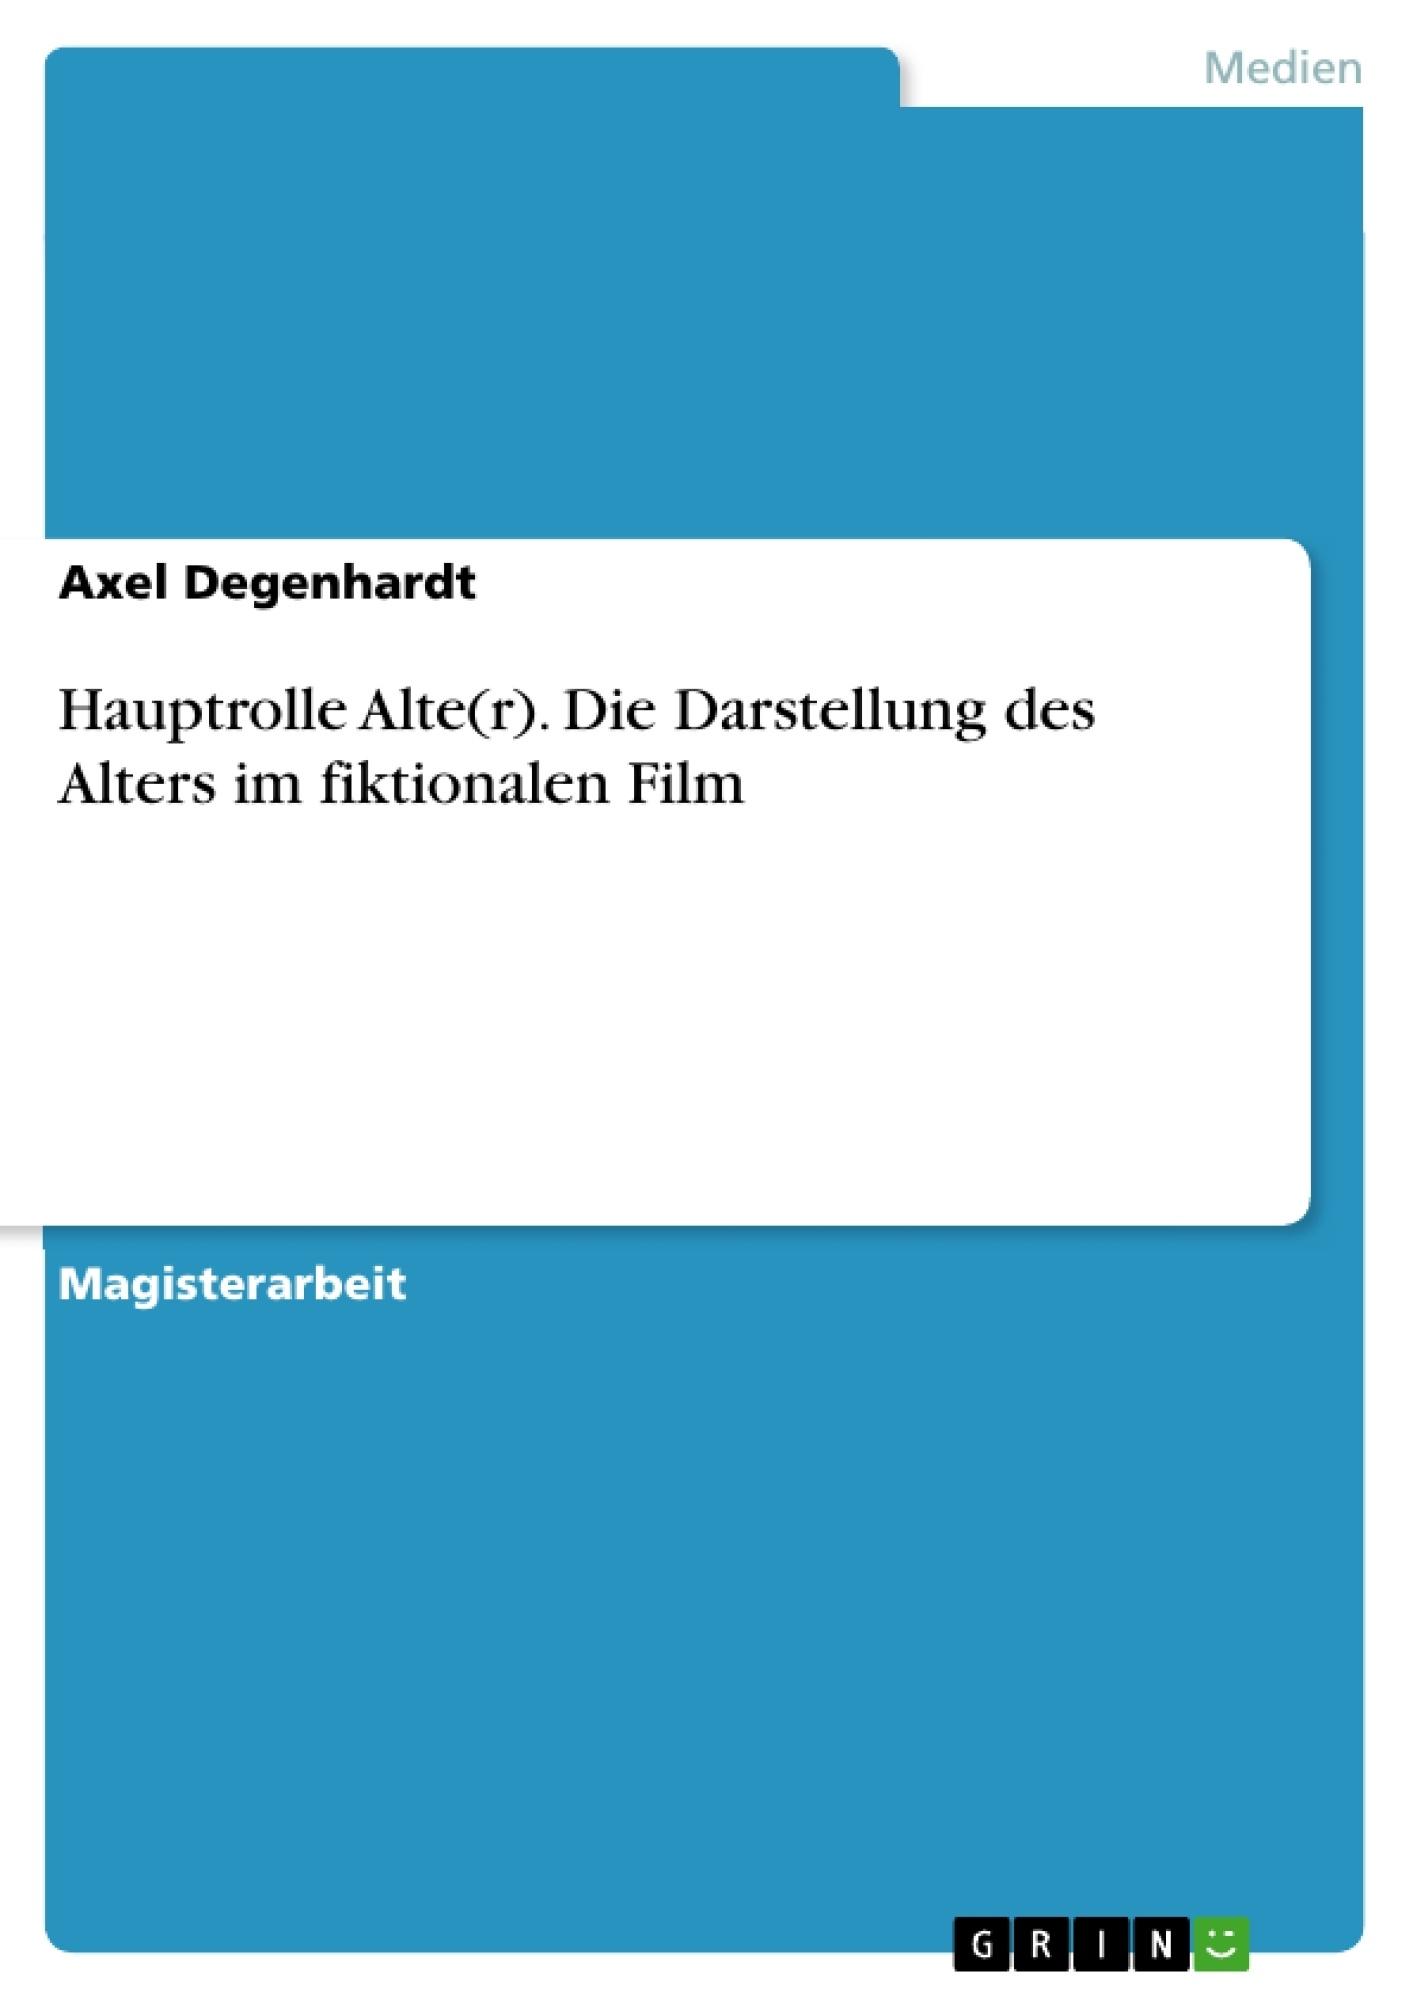 Título: Hauptrolle Alte(r). Die Darstellung des Alters im fiktionalen Film